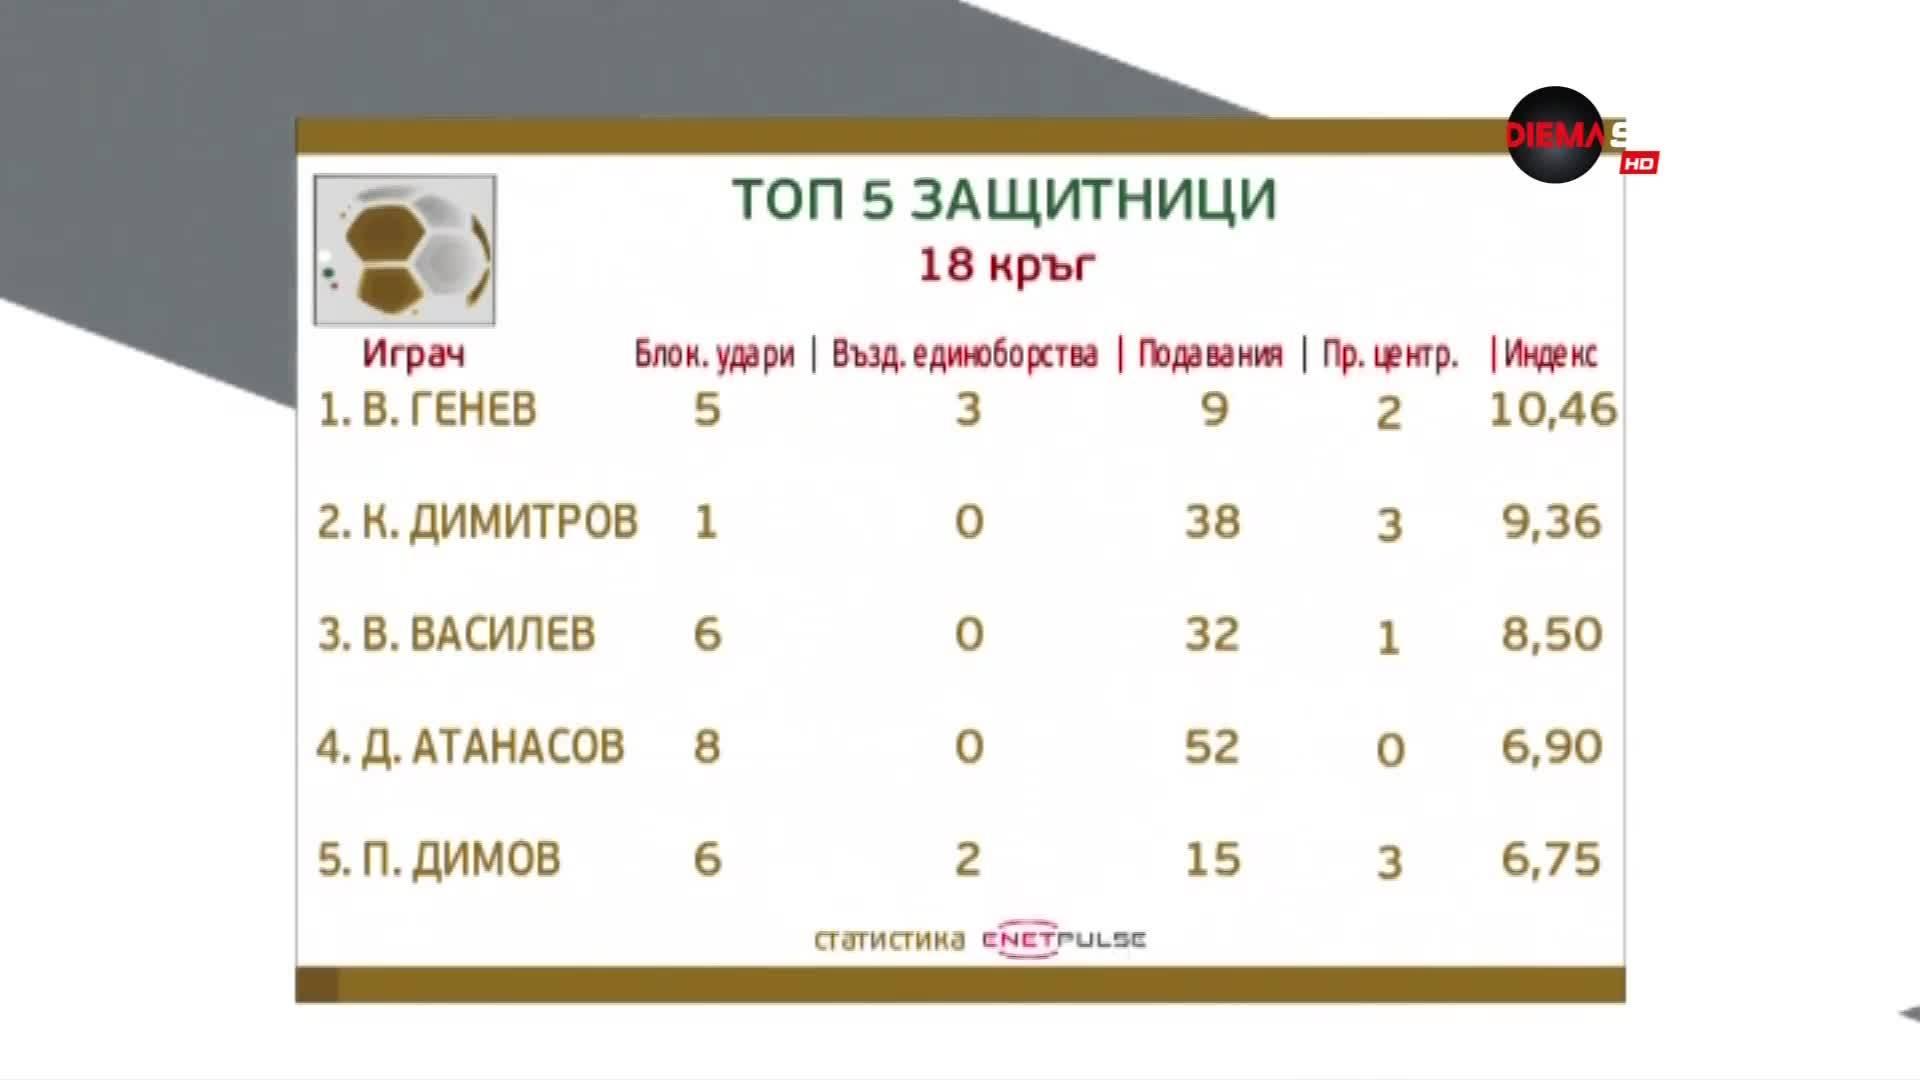 Генев е номер 1 при защитниците след 18-ия кръг